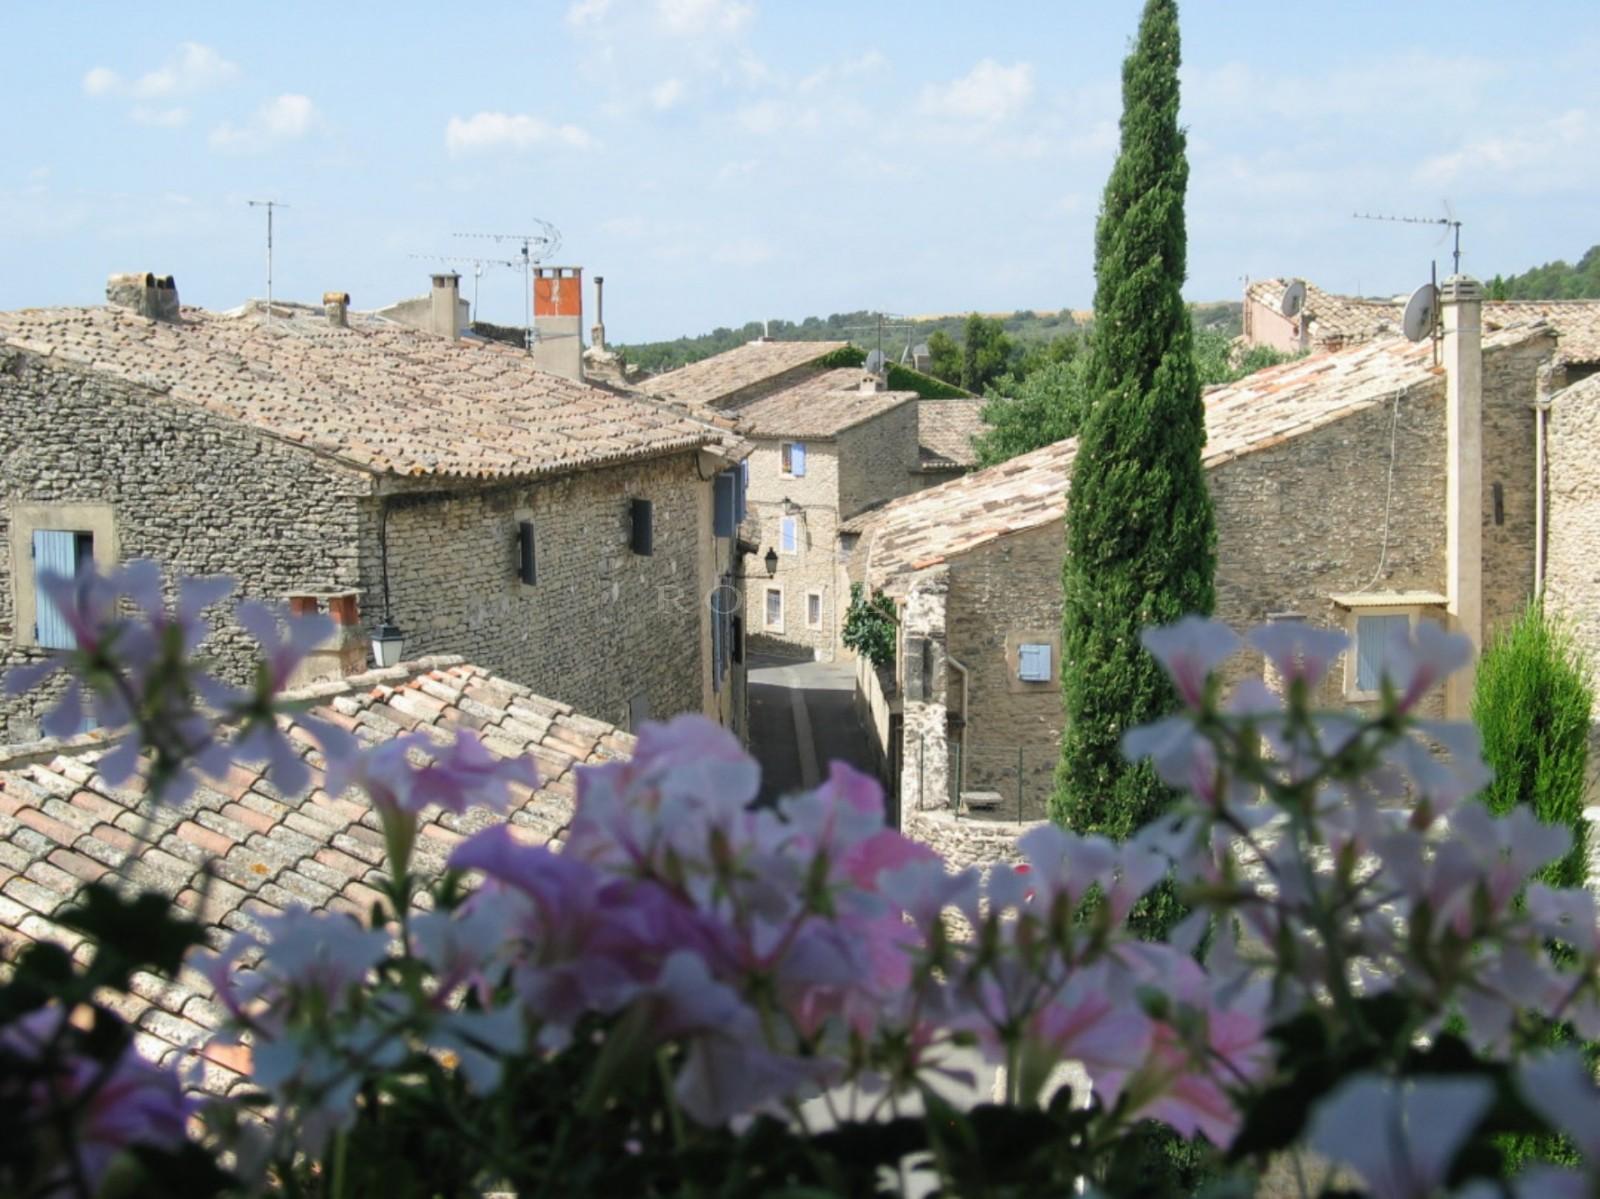 Maison de village avec cour et bassin à vendre en Luberon